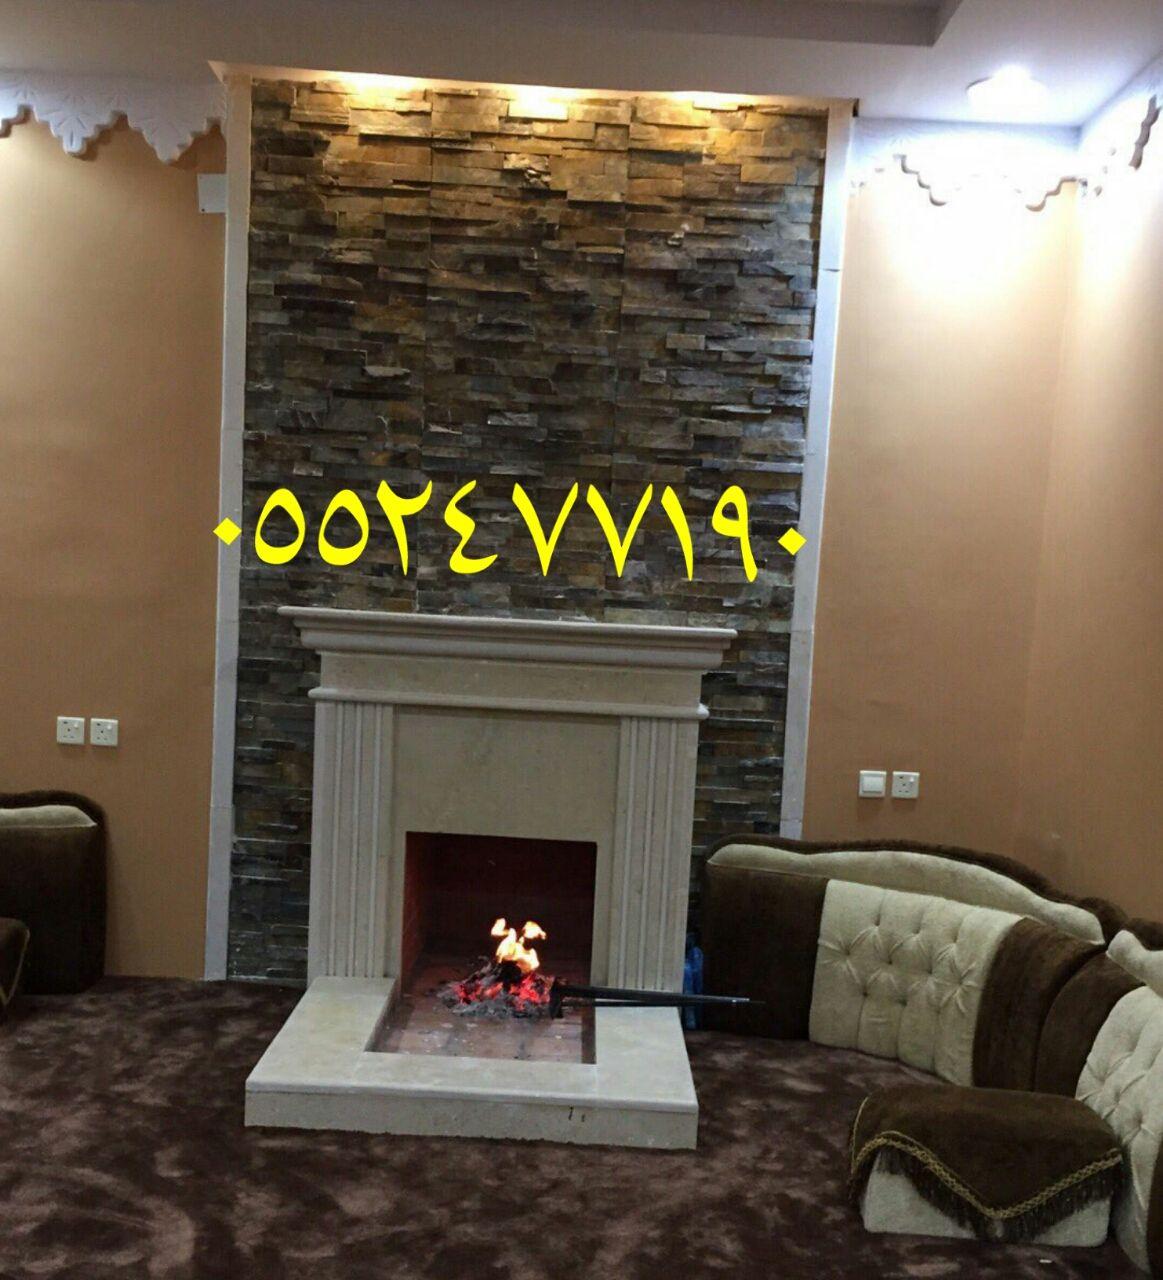 مشبات نار حديد مشبات نجران مشبات نار حديثه مشبات نار خميس مشيط مشبات نظام امريكي مشبات نسائيه Fireplace Decor Home Decor